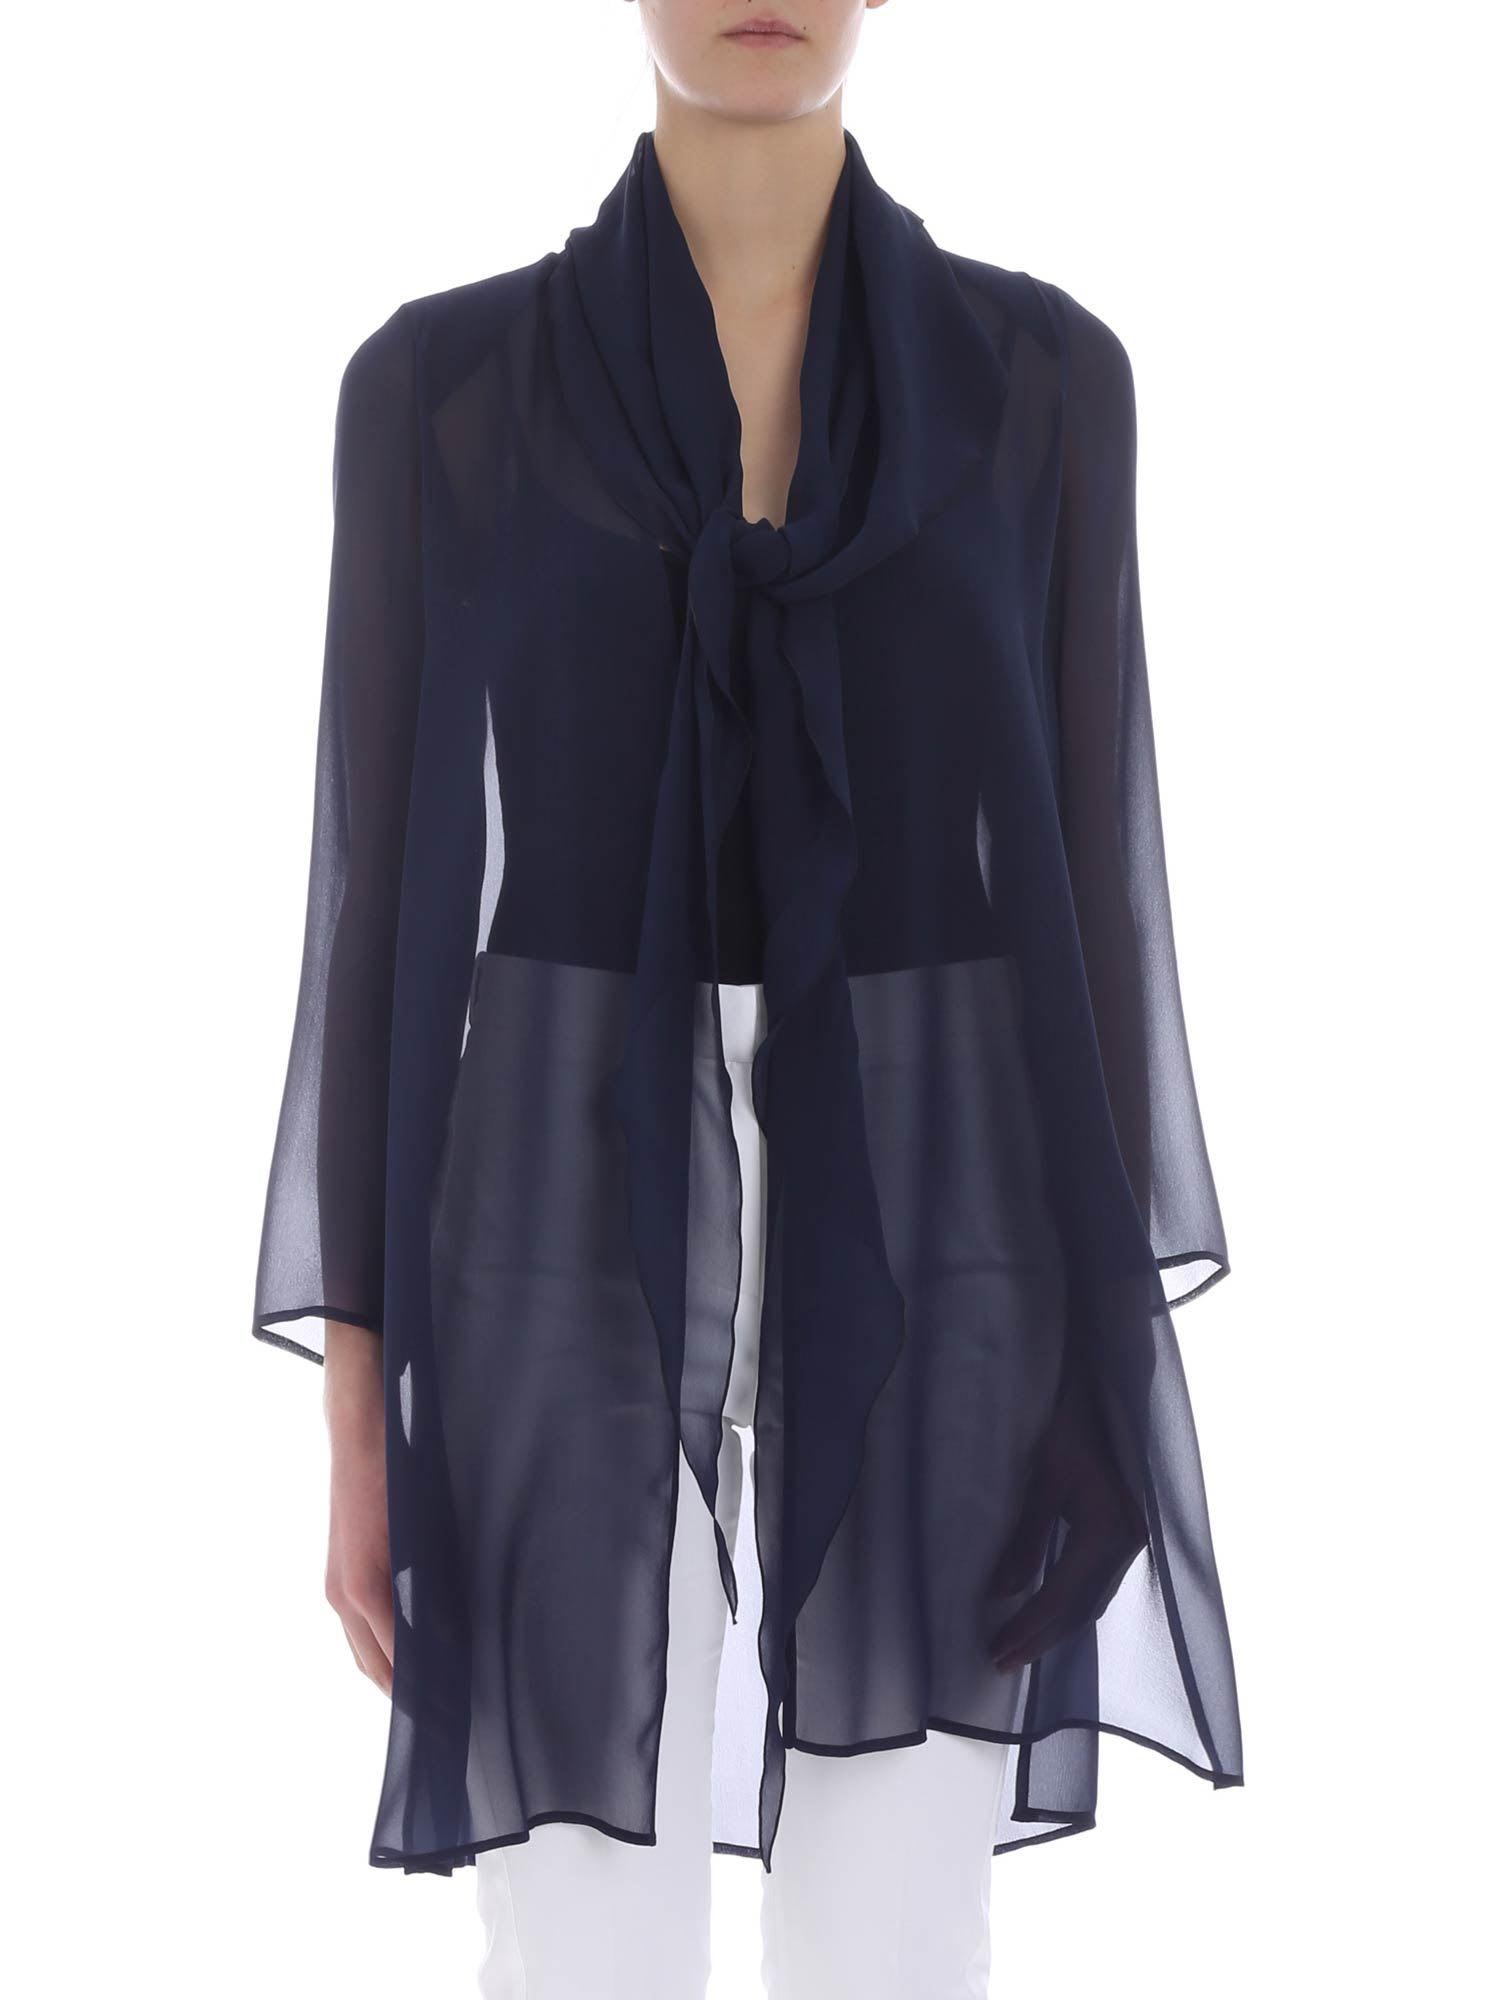 Max Mara – Ghirba Jacket